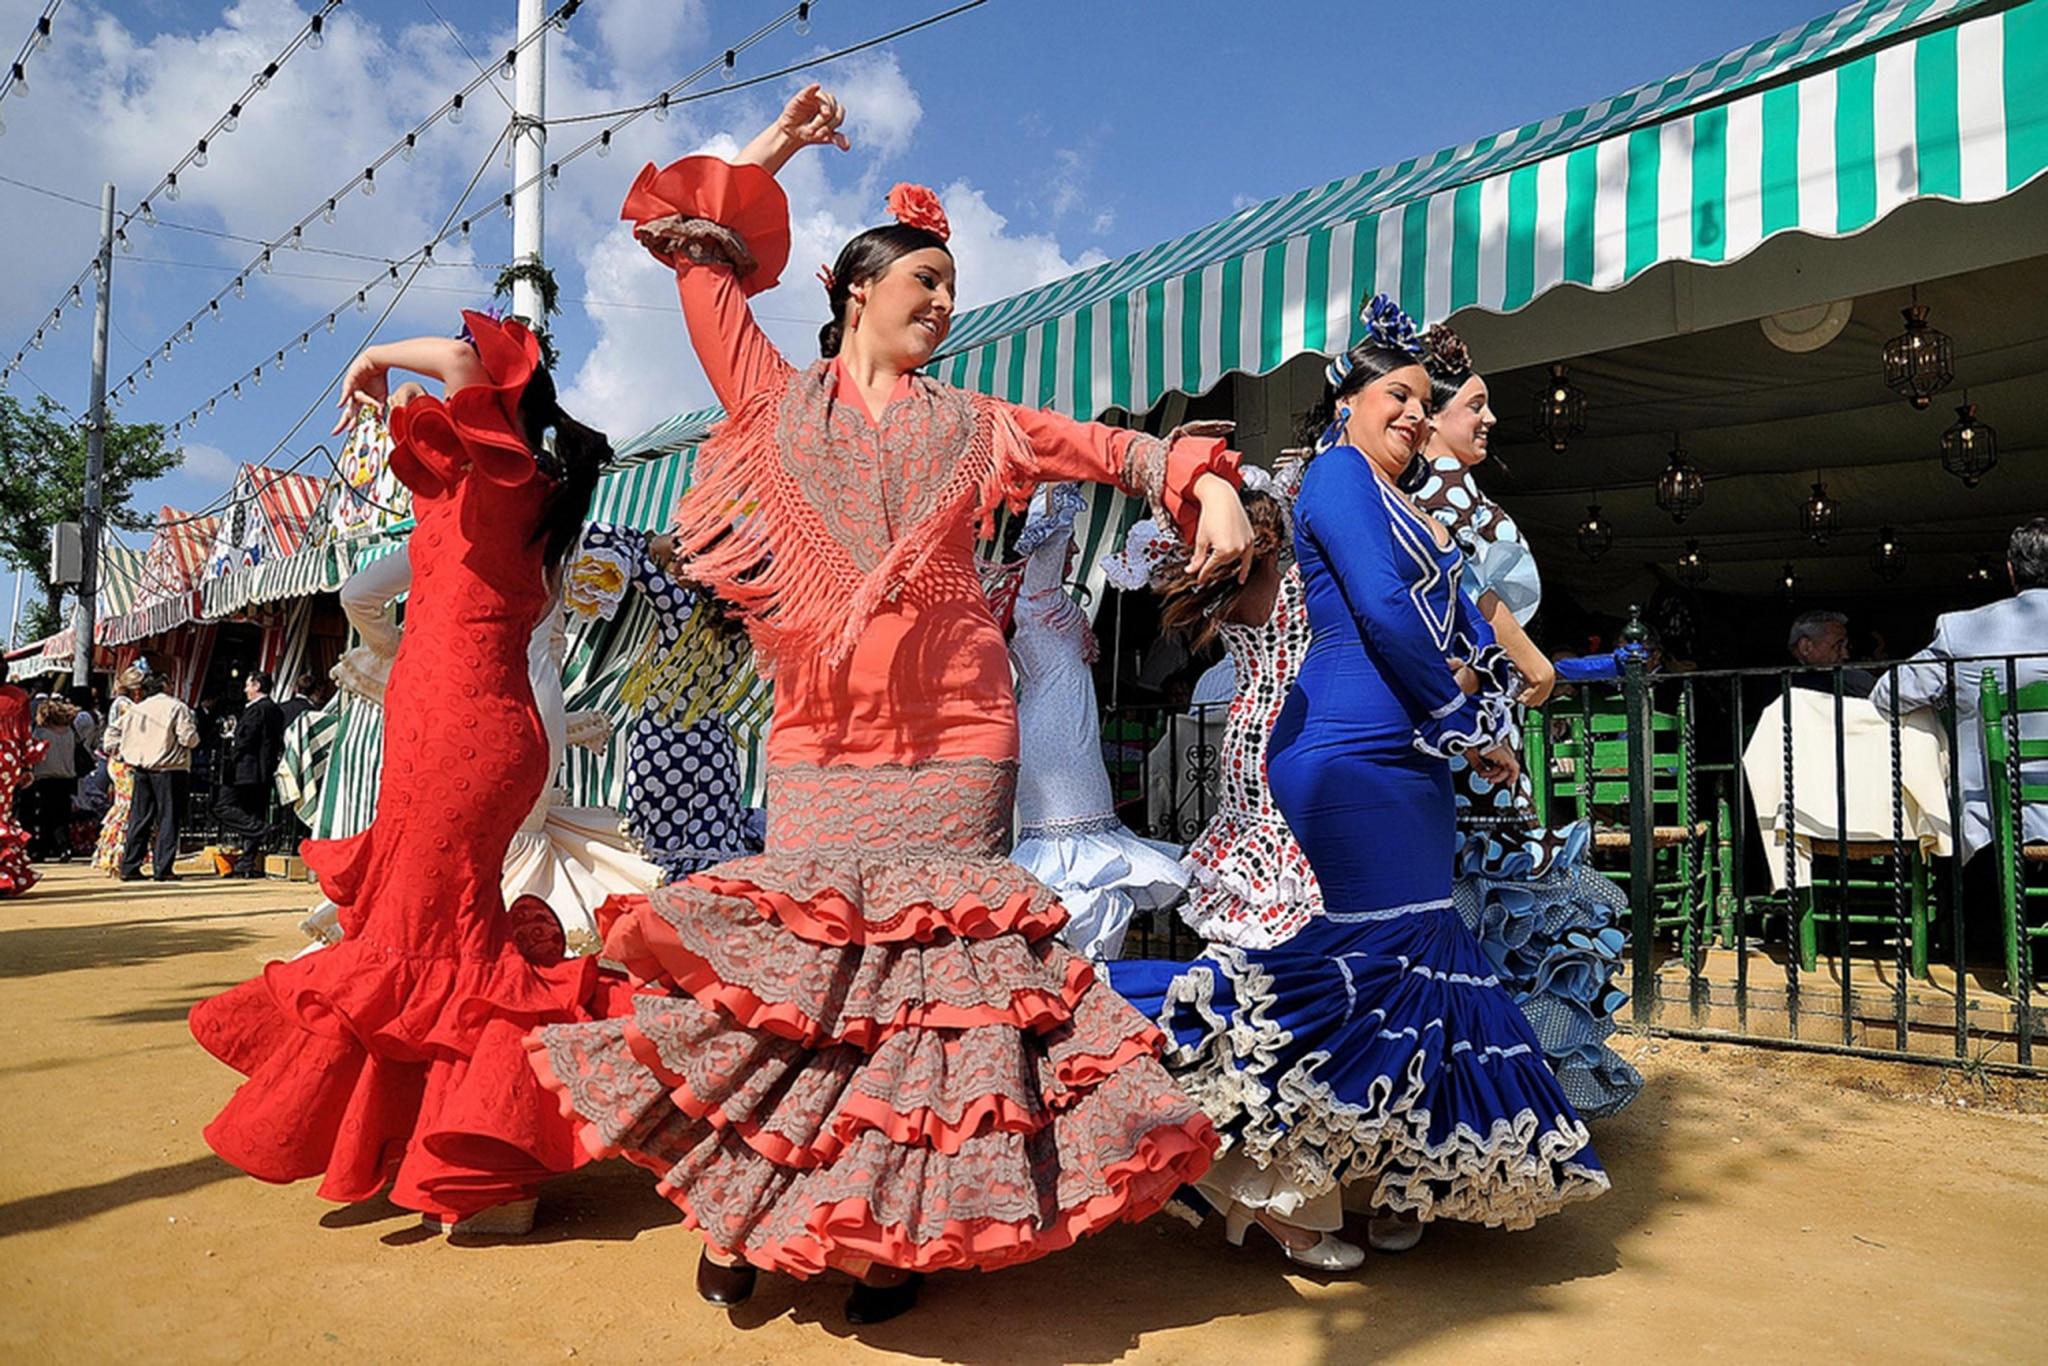 Baliarinas de flamenco en la Feria de Abril de Sevilla